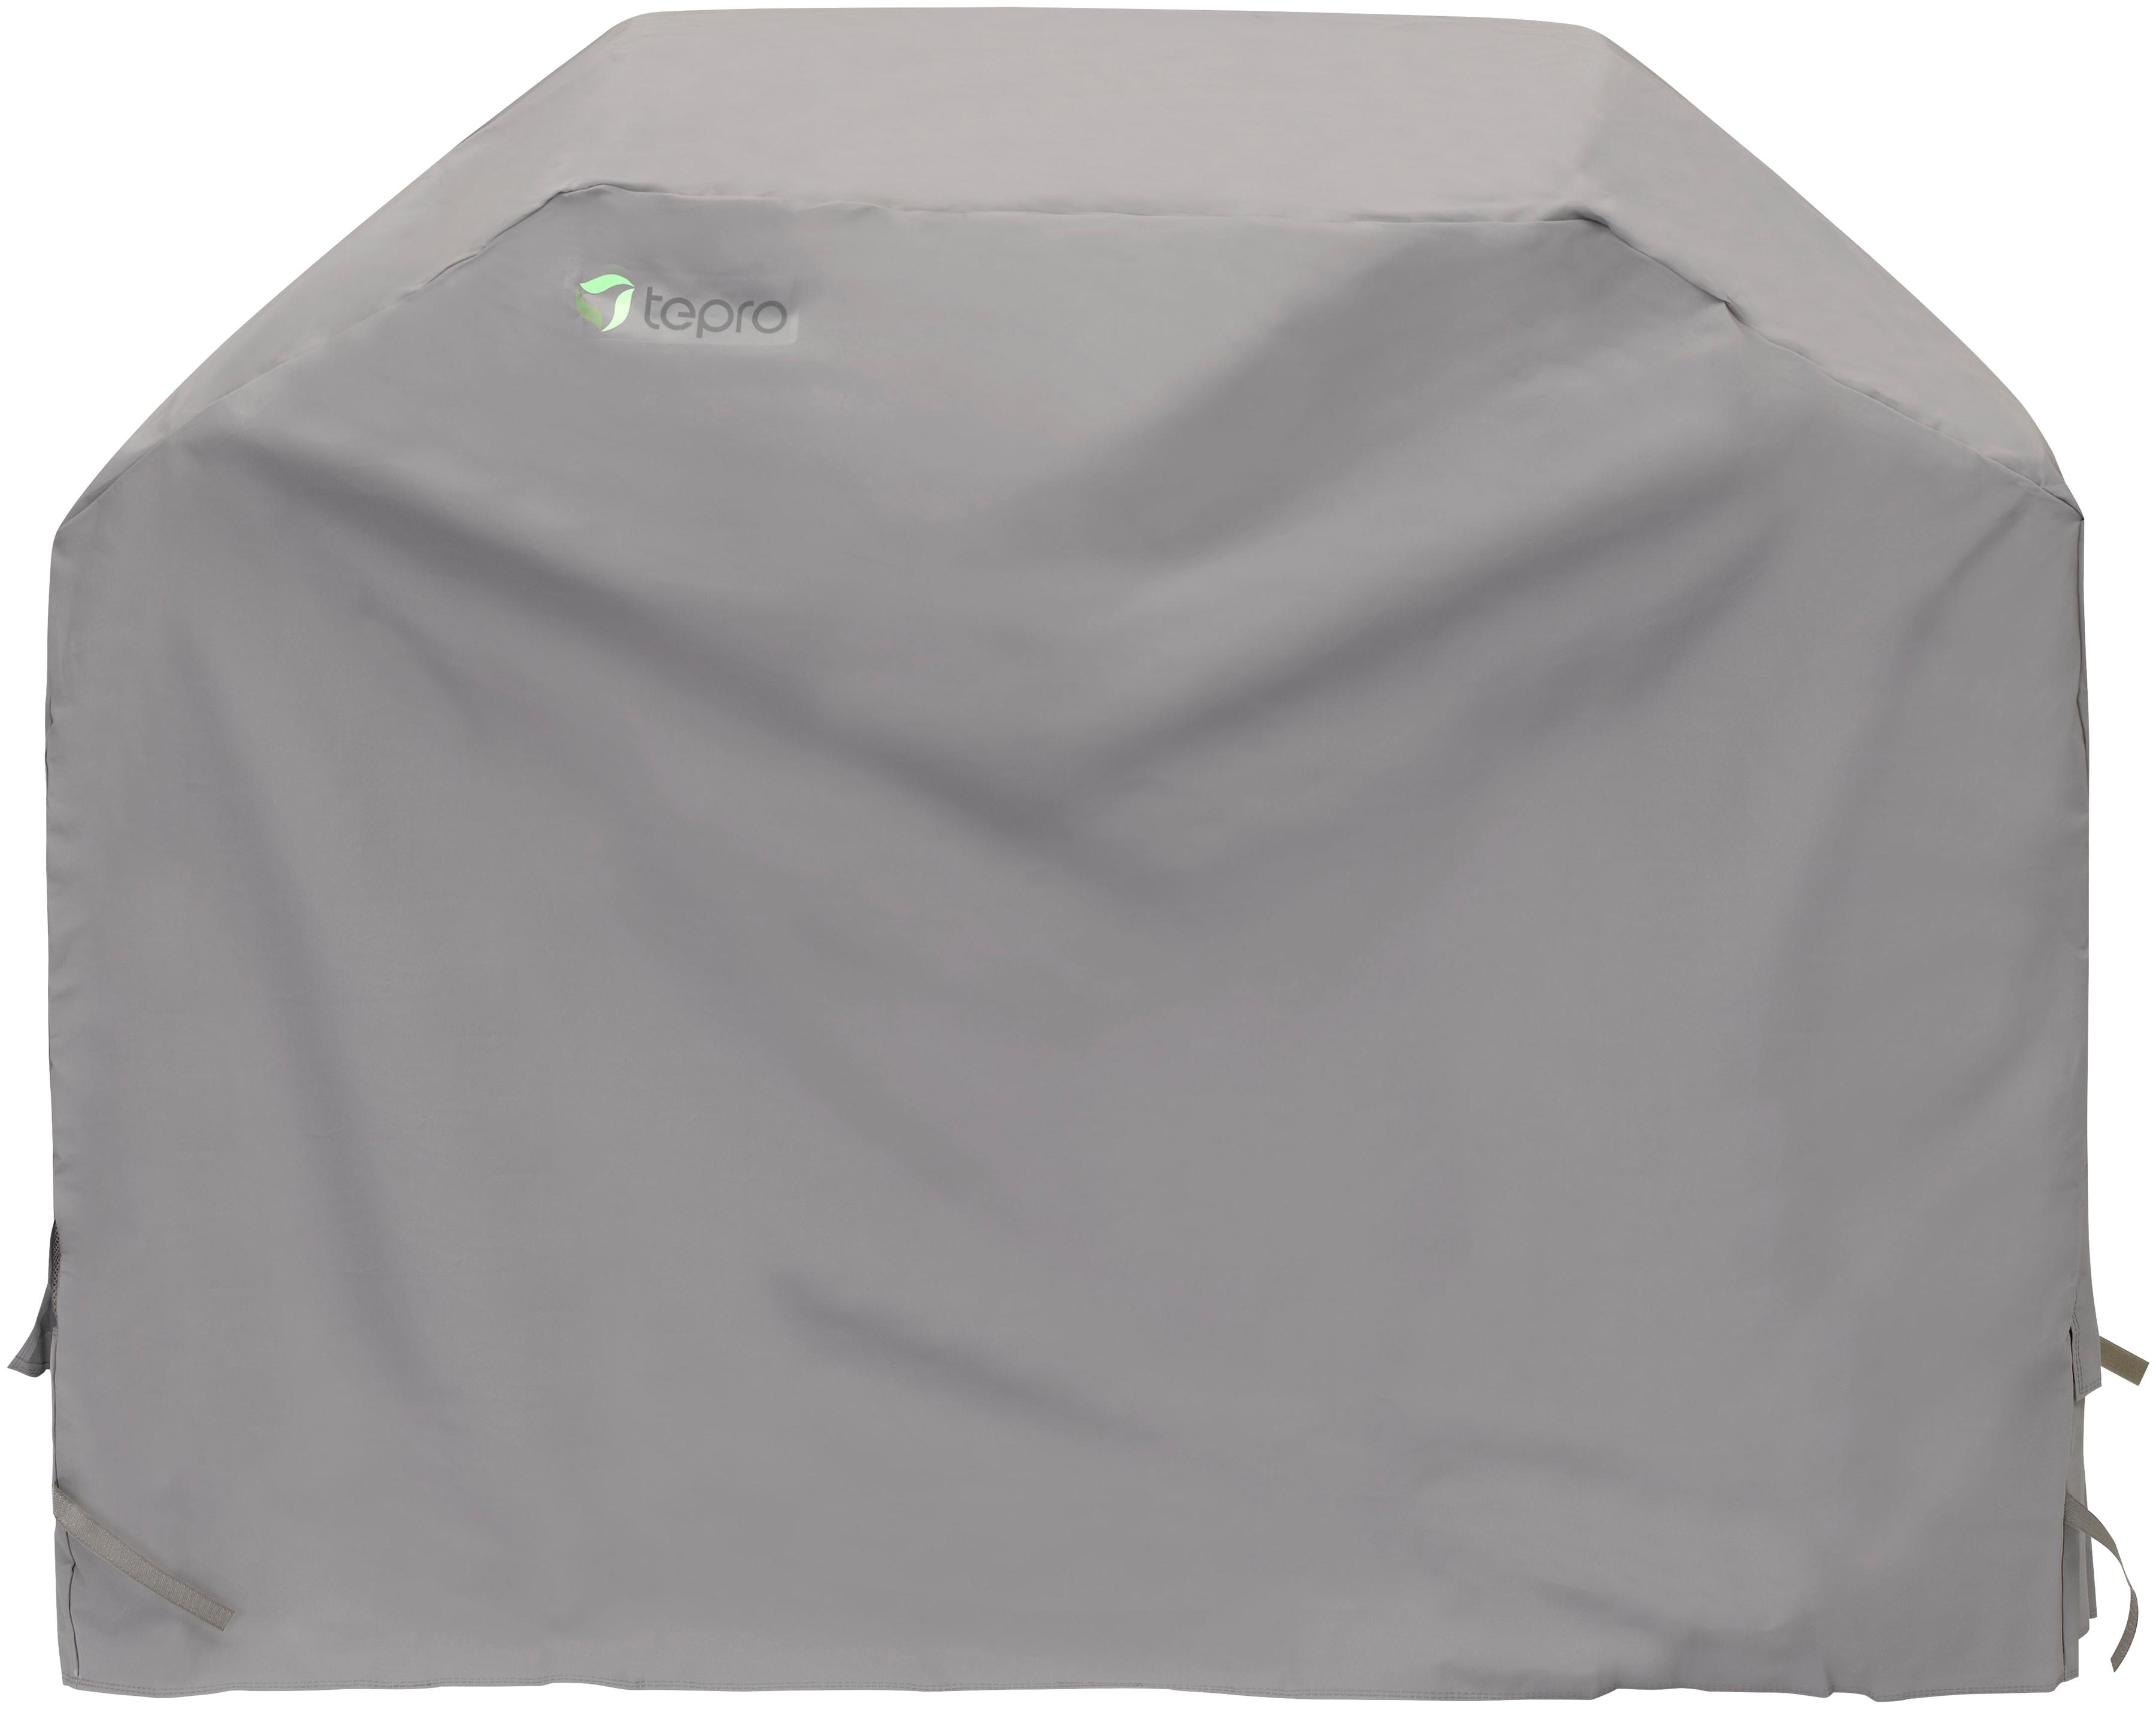 Outdoorküche Mit Gasgrill Cover : 3sixt schutzhüllen online kaufen möbel suchmaschine ladendirekt.de